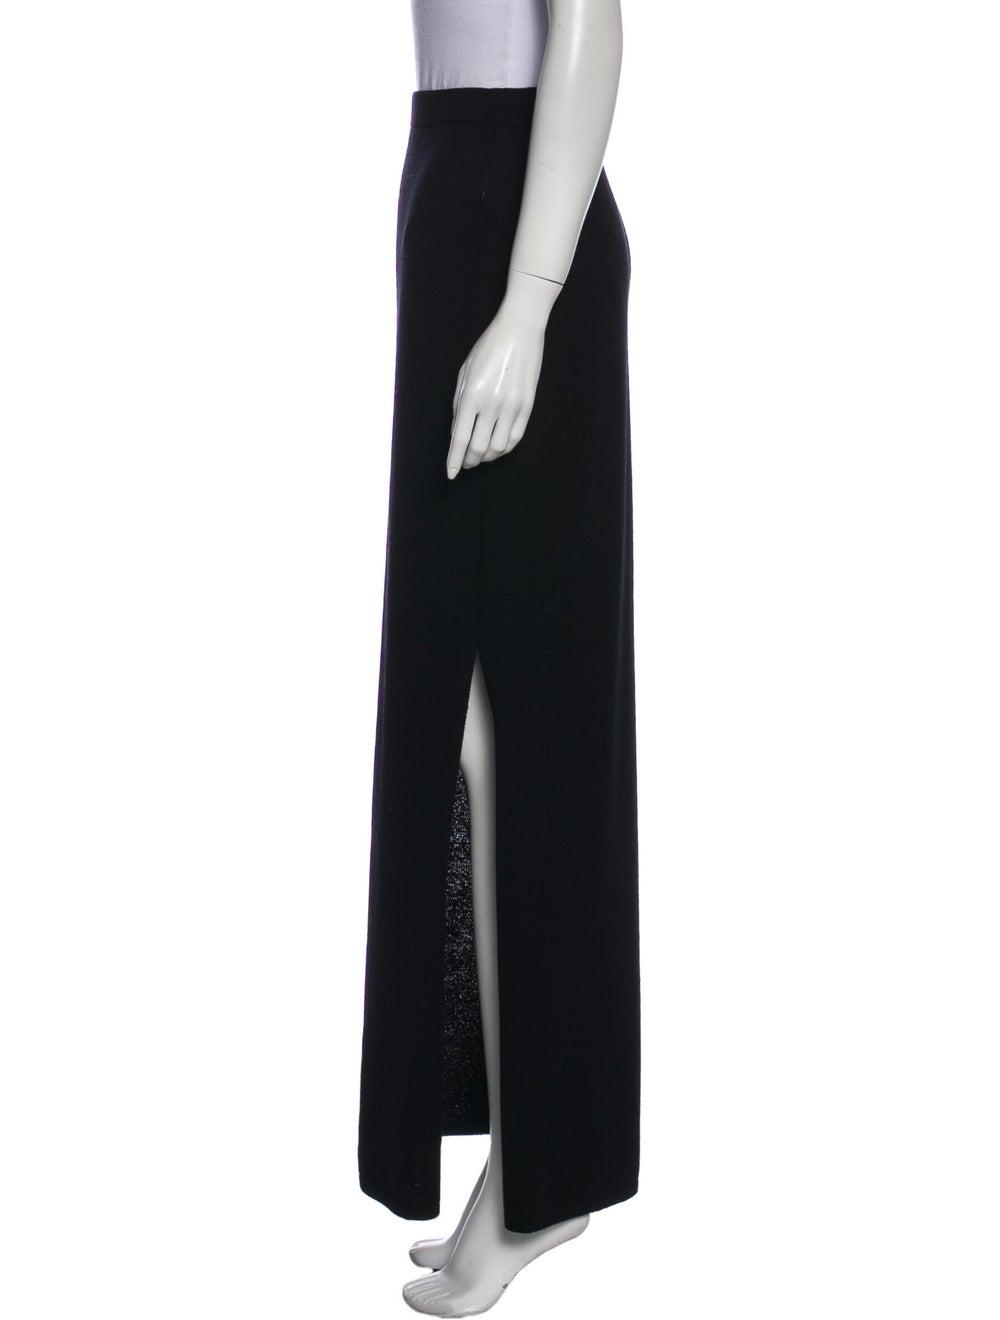 St. John Long Skirt Black - image 2